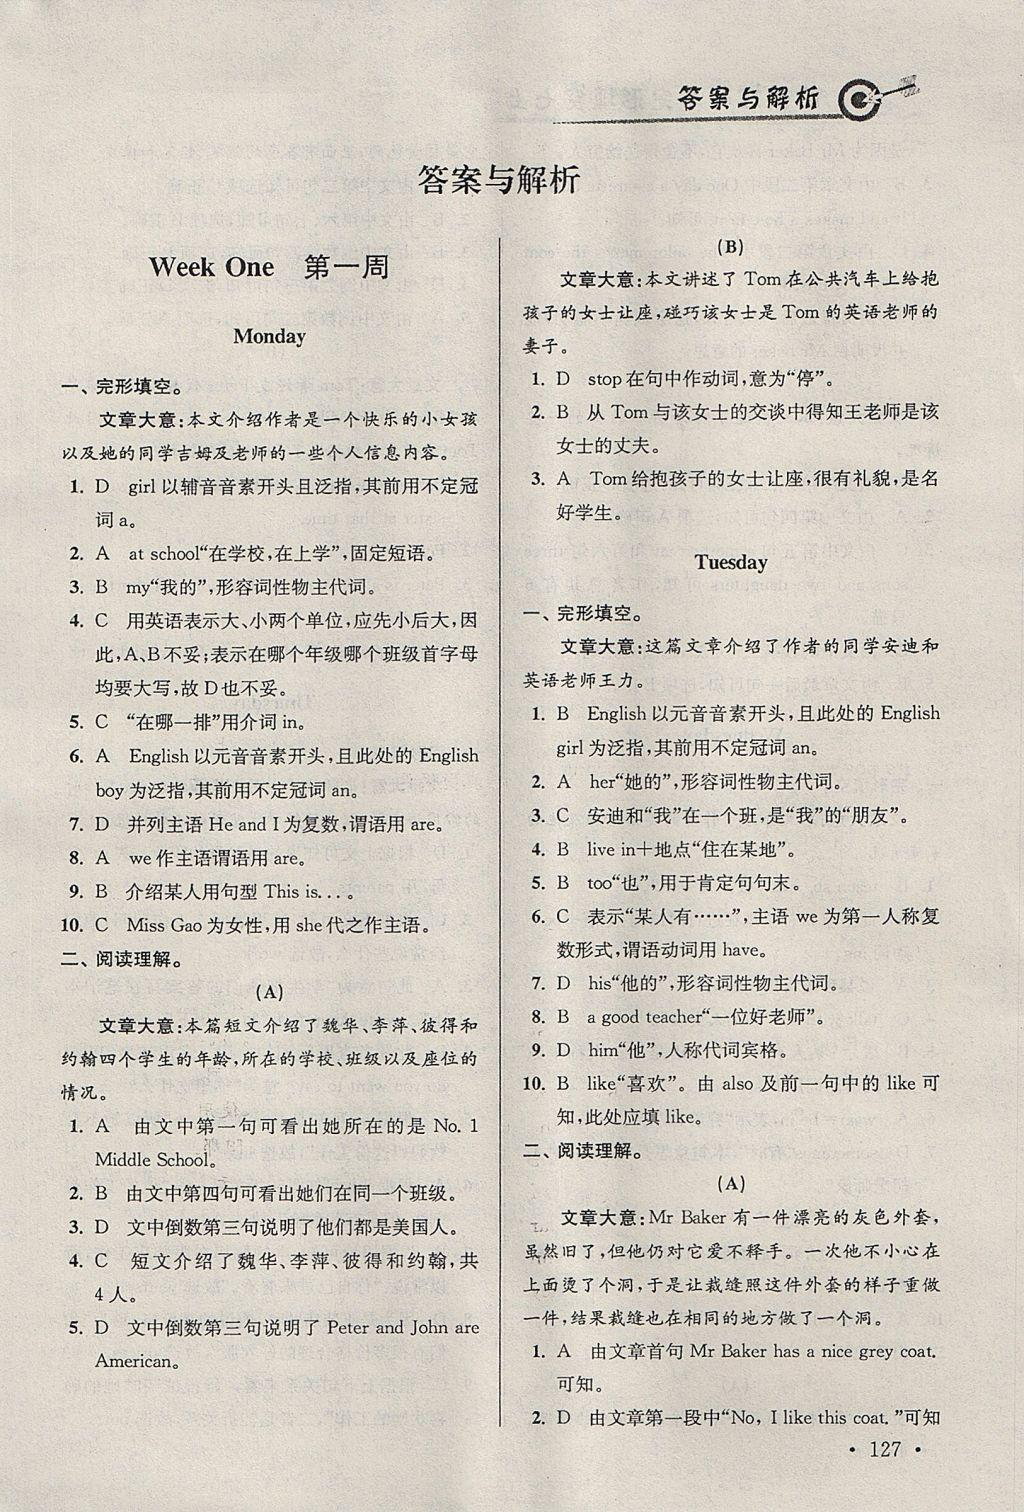 精讲精练初中英语阅读理解与完形填空七上册师大通用版v初中初中第1页161答案和年级附哪个好图片